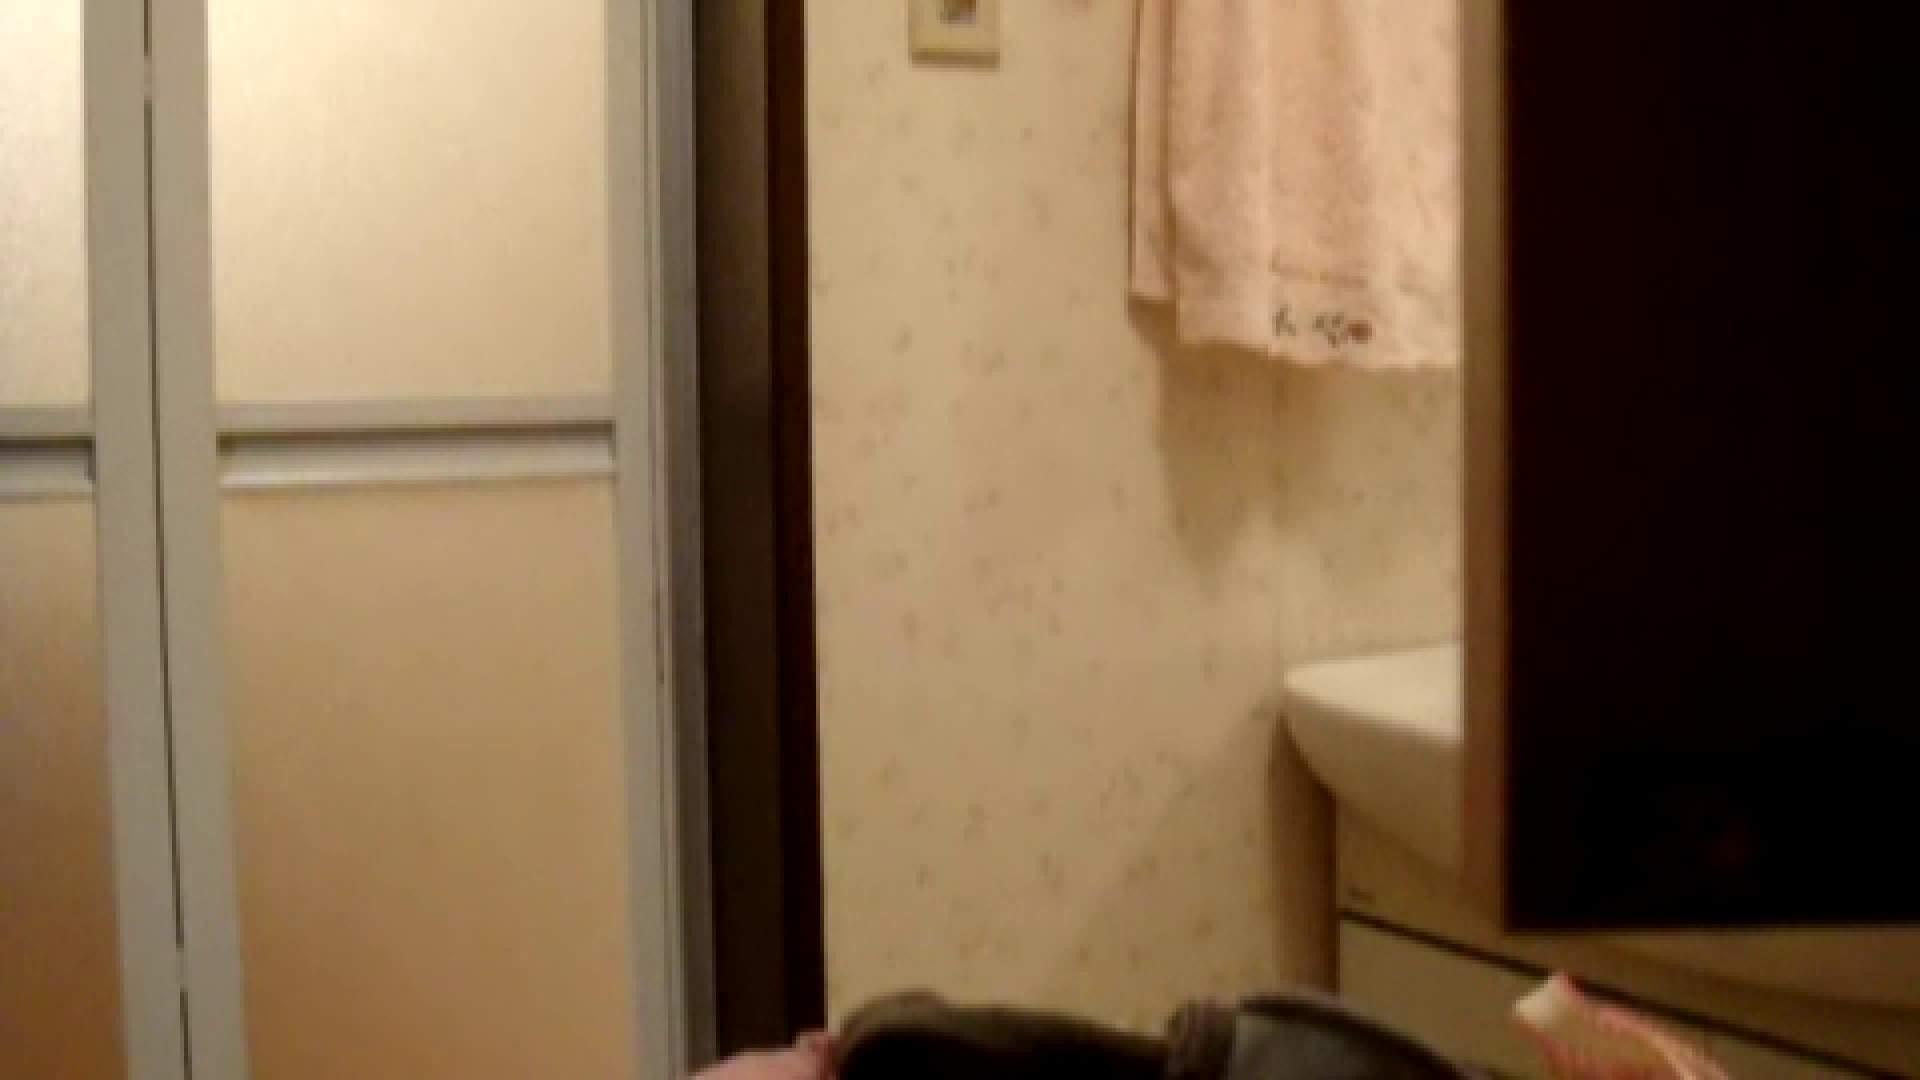 二人とも育てた甲斐がありました… vol.08 まどかの入浴中にカメラに気付いたか!? 入浴  84PIX 62